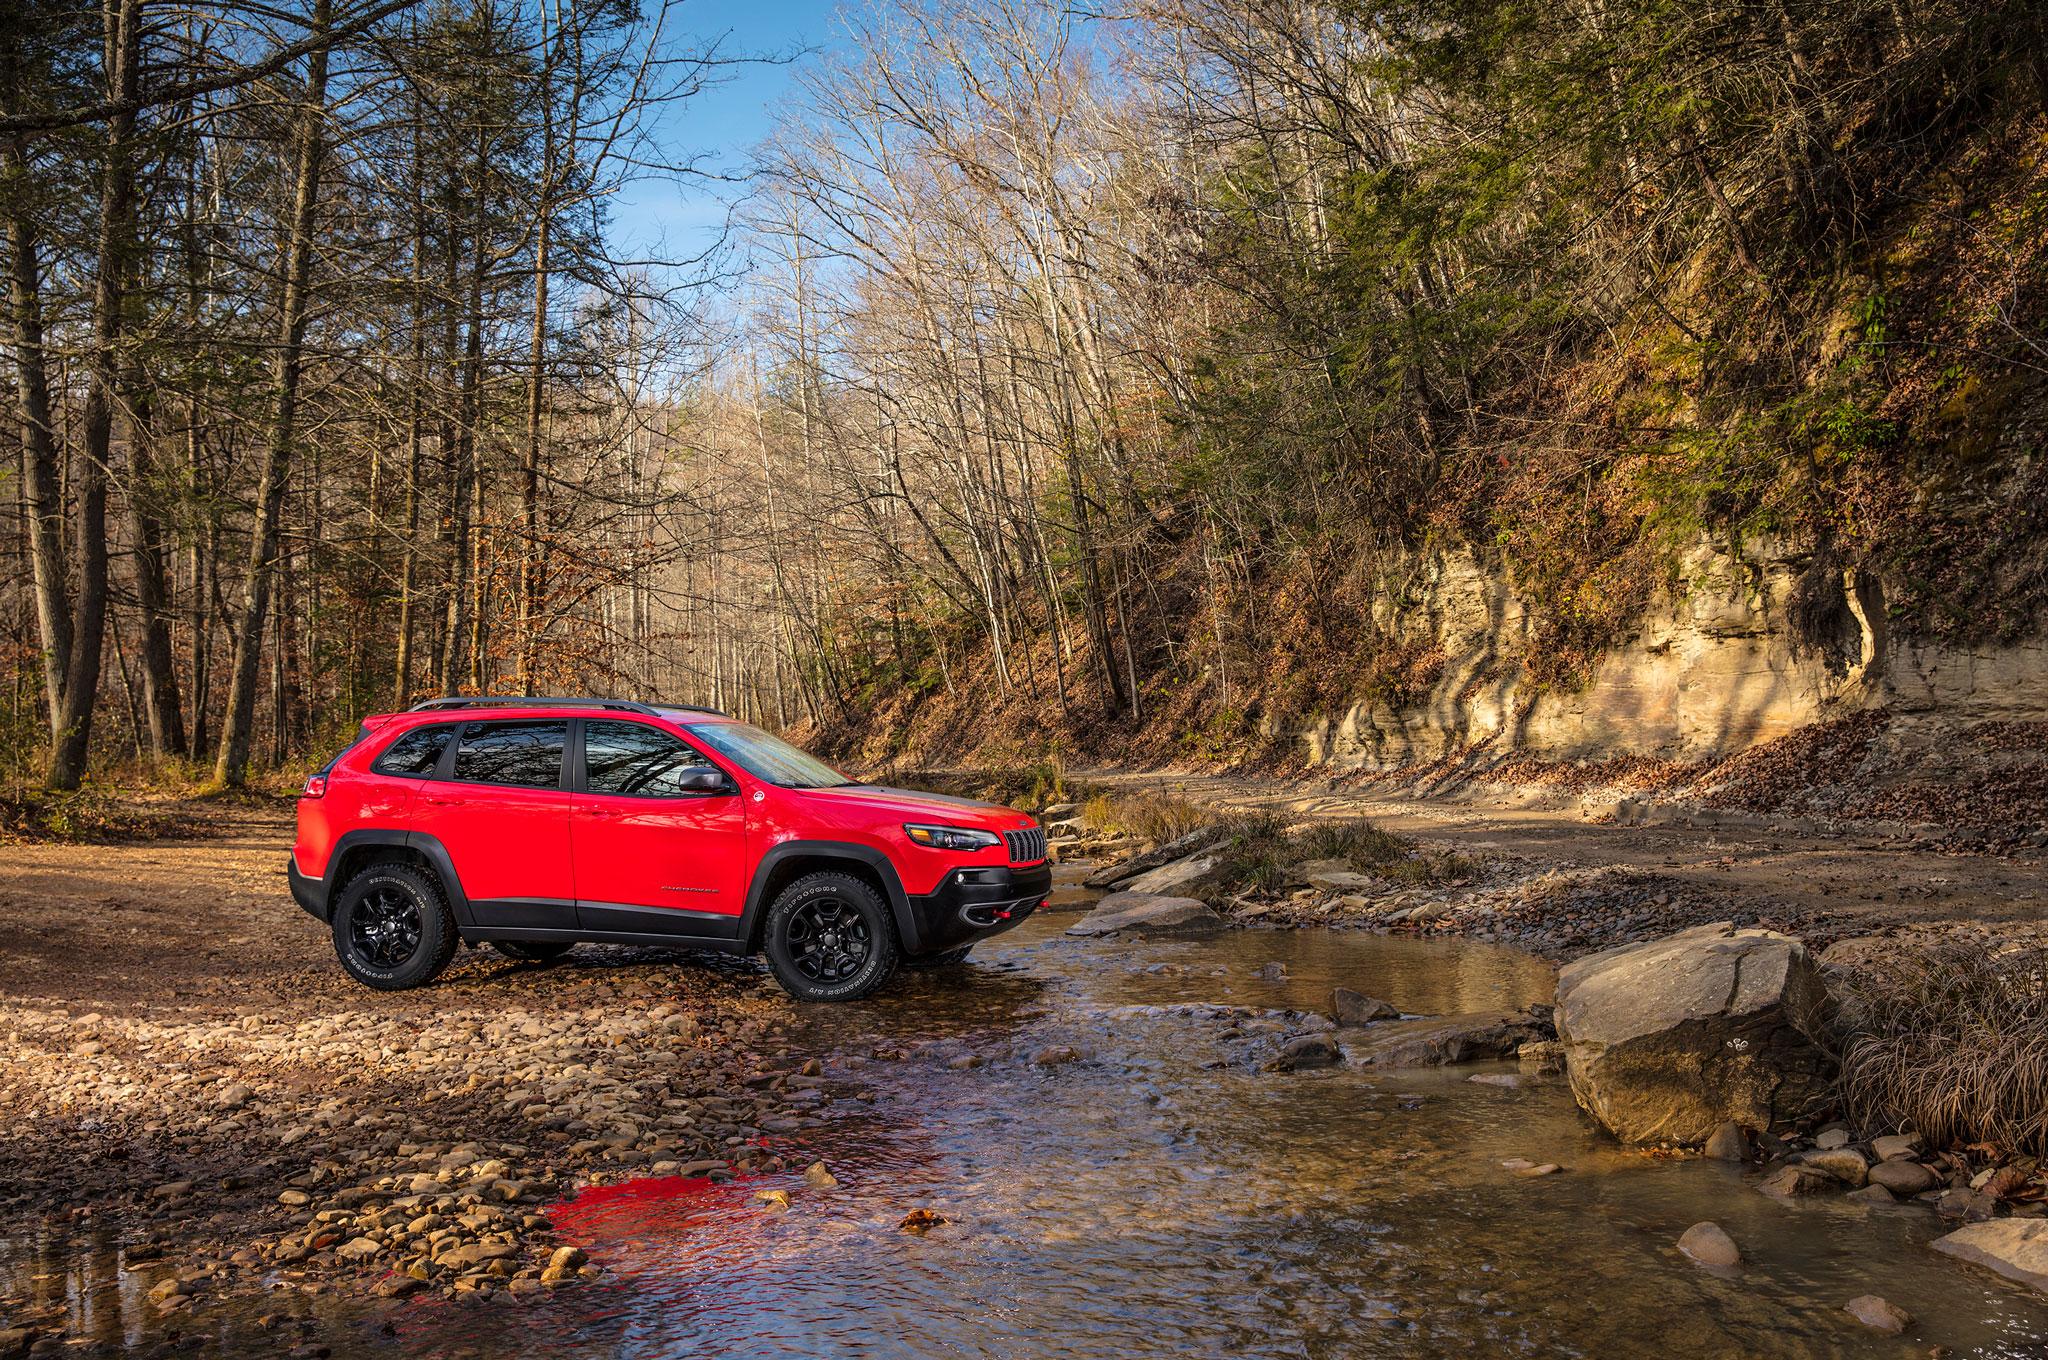 2019 Cherokee trailhawk front rocks water 2